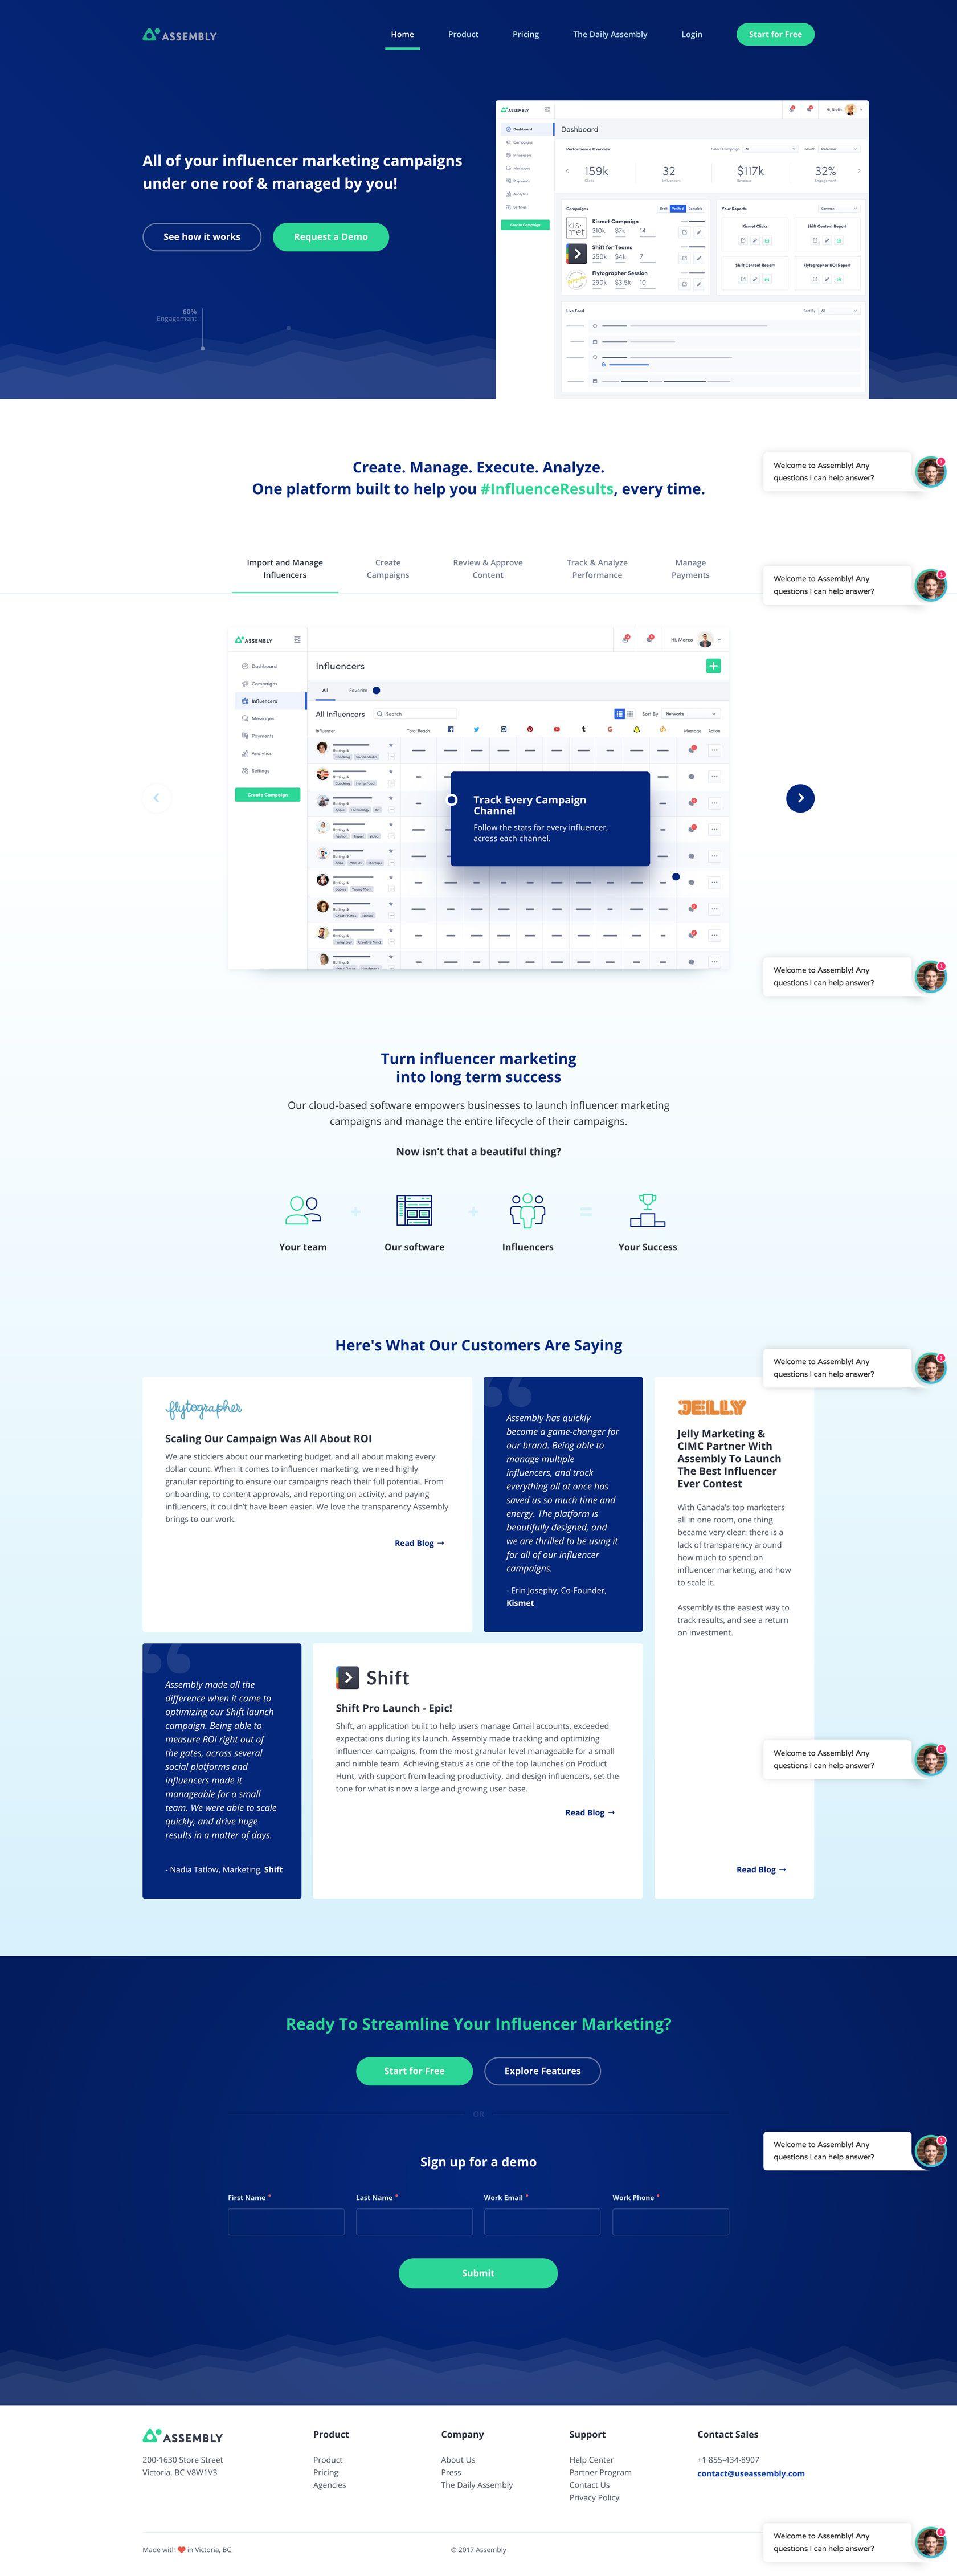 Https Useassembly Com Influencer Marketing Best Landing Page Design Page Design